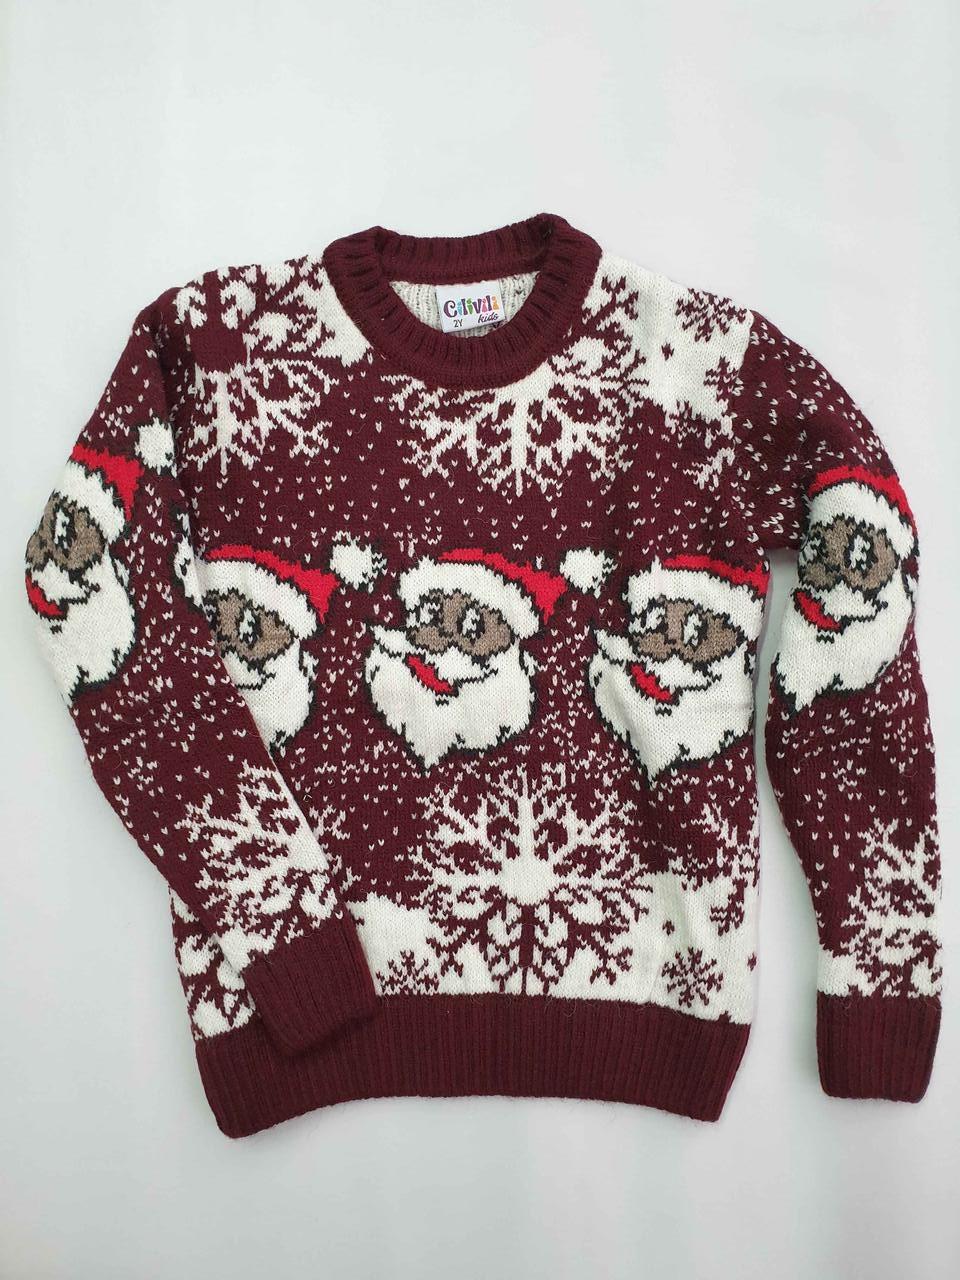 Новогодний вязаный свитер для девочек 11-15 лет Дед мороз бордовый